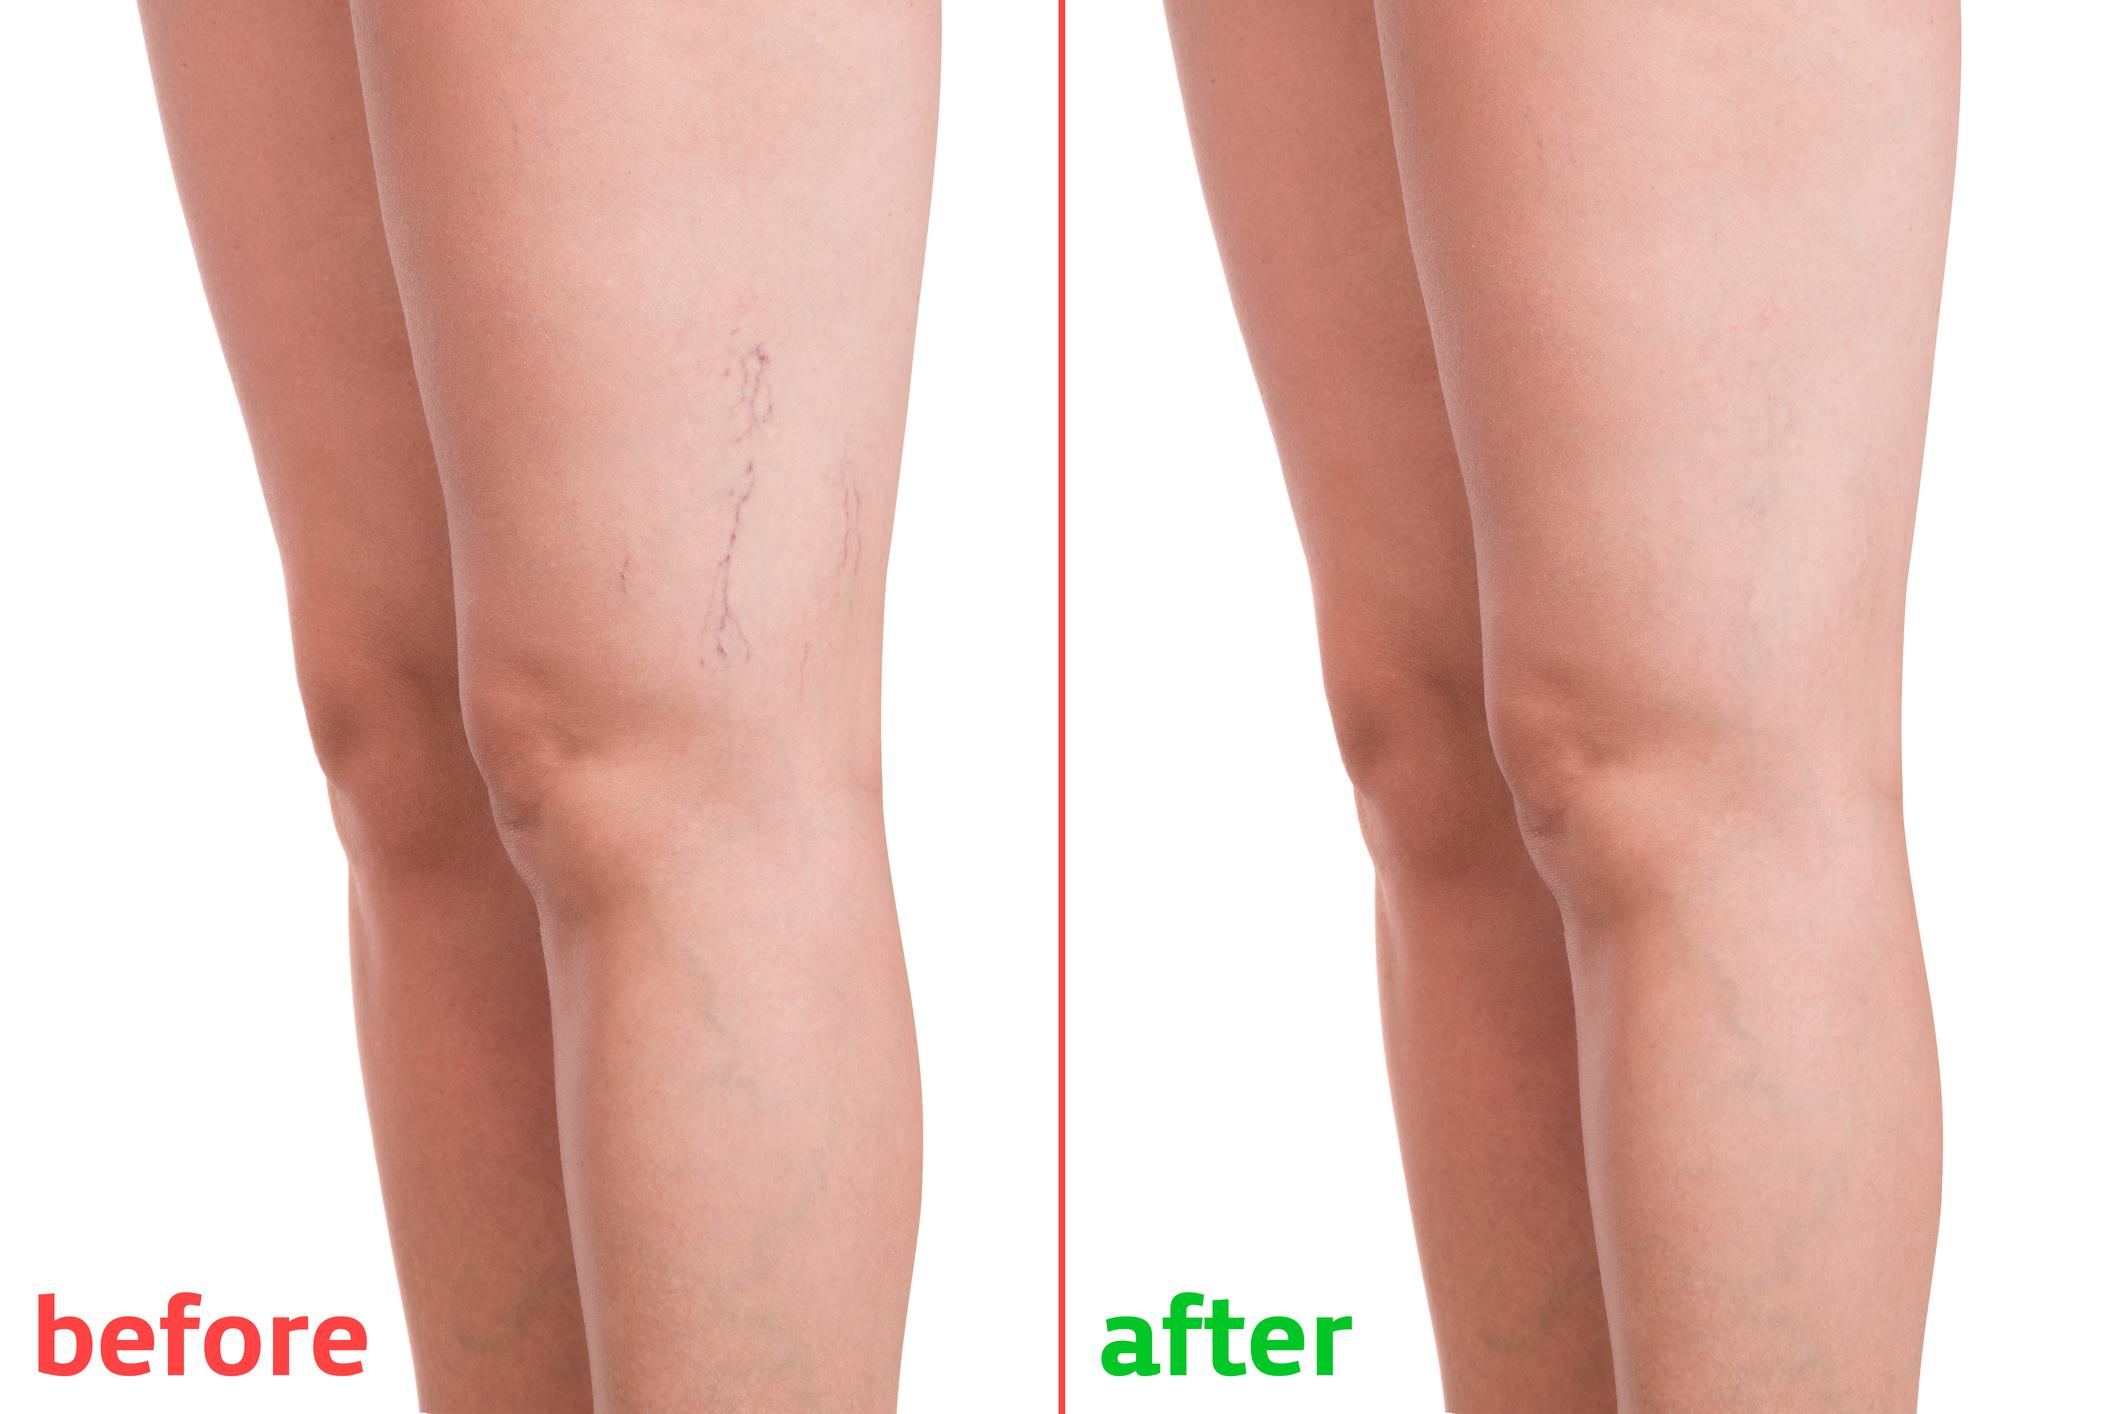 Viszkető lábak visszér népi gyógymódok 10 tipp a visszér otthoni kezelésére - Napidoktor